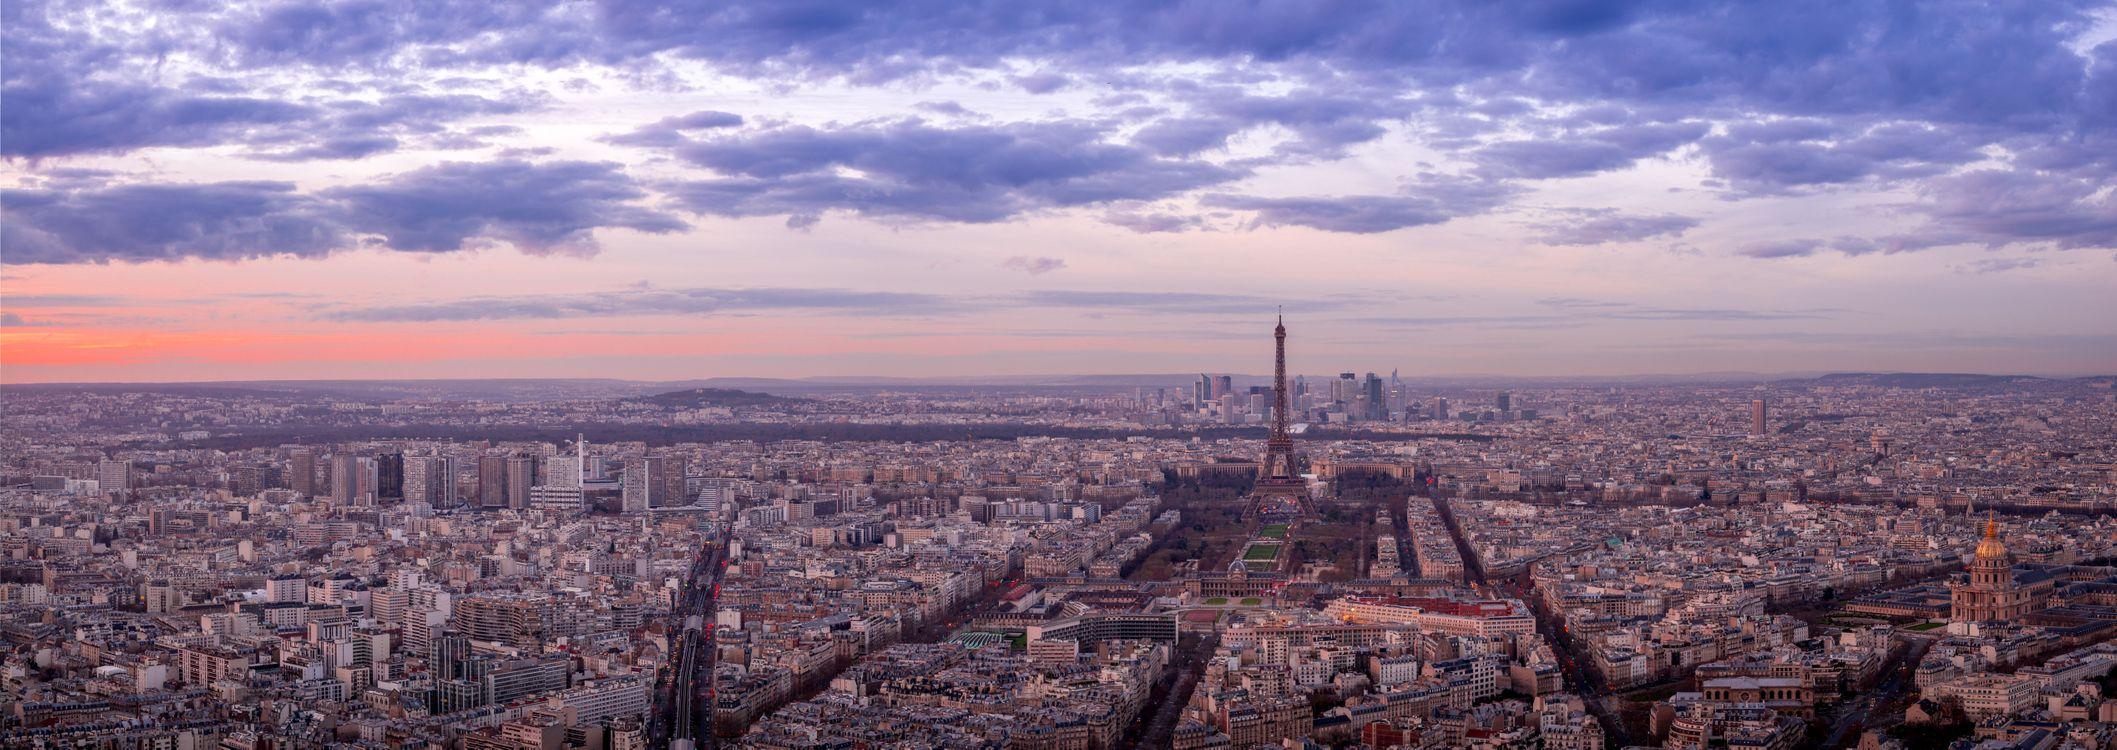 Фото бесплатно Париж, Франция закат, панорама - на рабочий стол